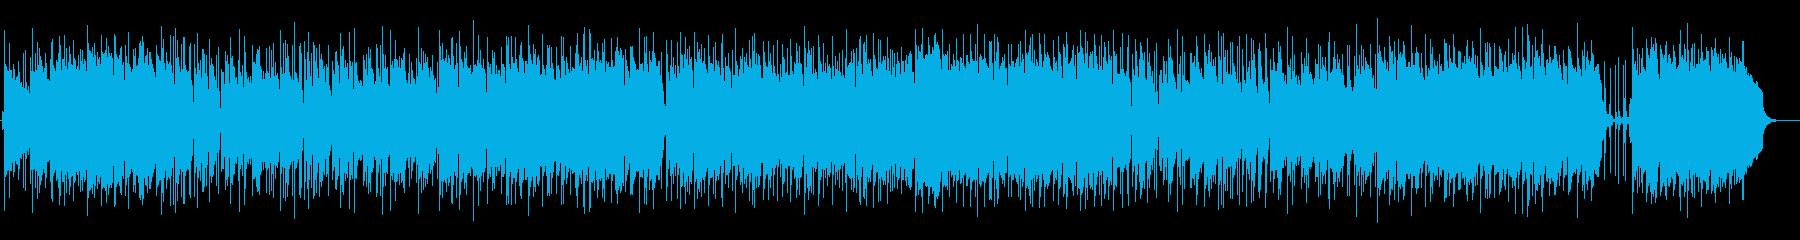 爽やかでゆったりなシンセサイザーサウンドの再生済みの波形